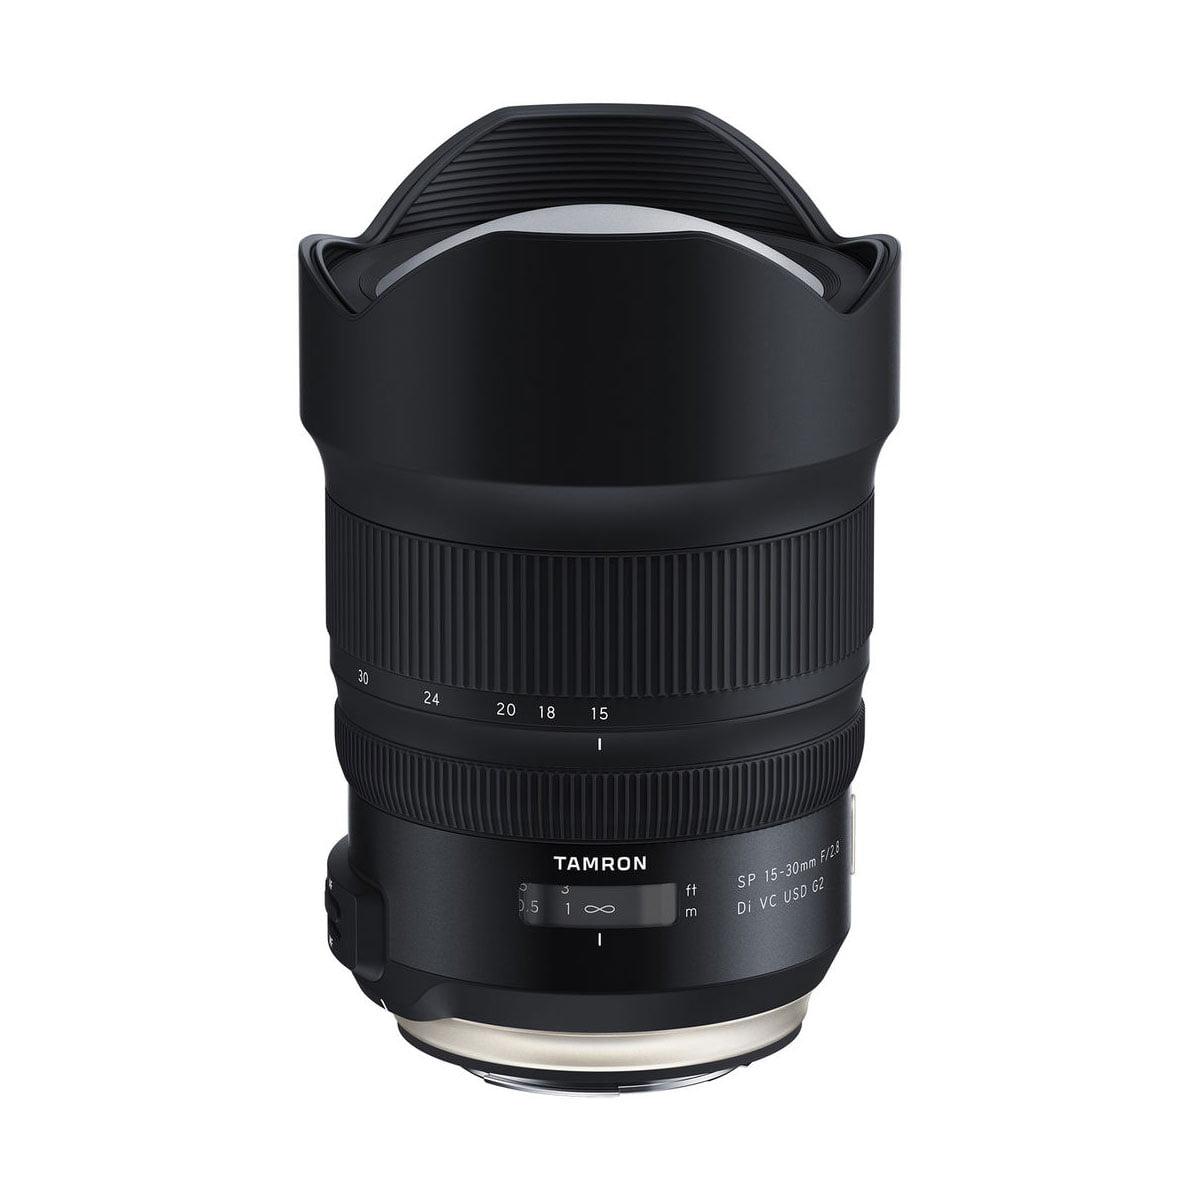 Tamron SP 15-30mm f/2.8 Di VC USD G2 Canon